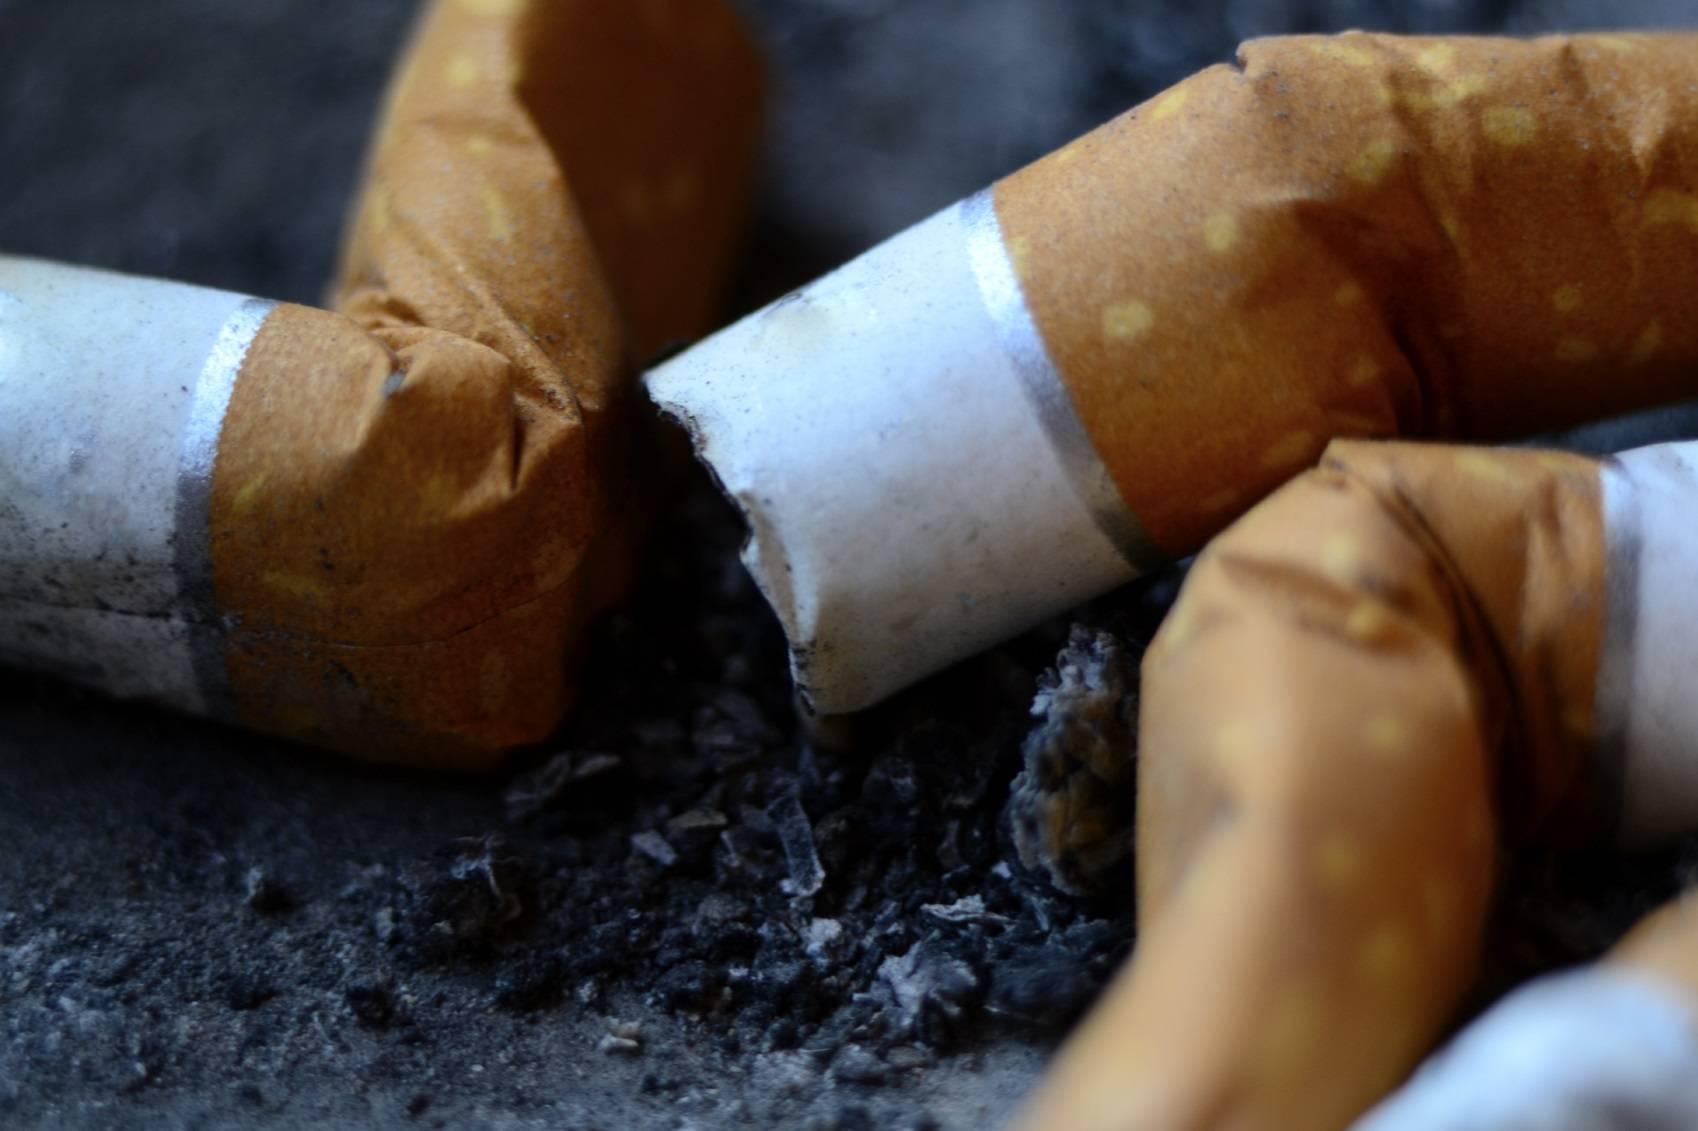 Comme la jeune fille a cessé de fumer et na pas pris le poids